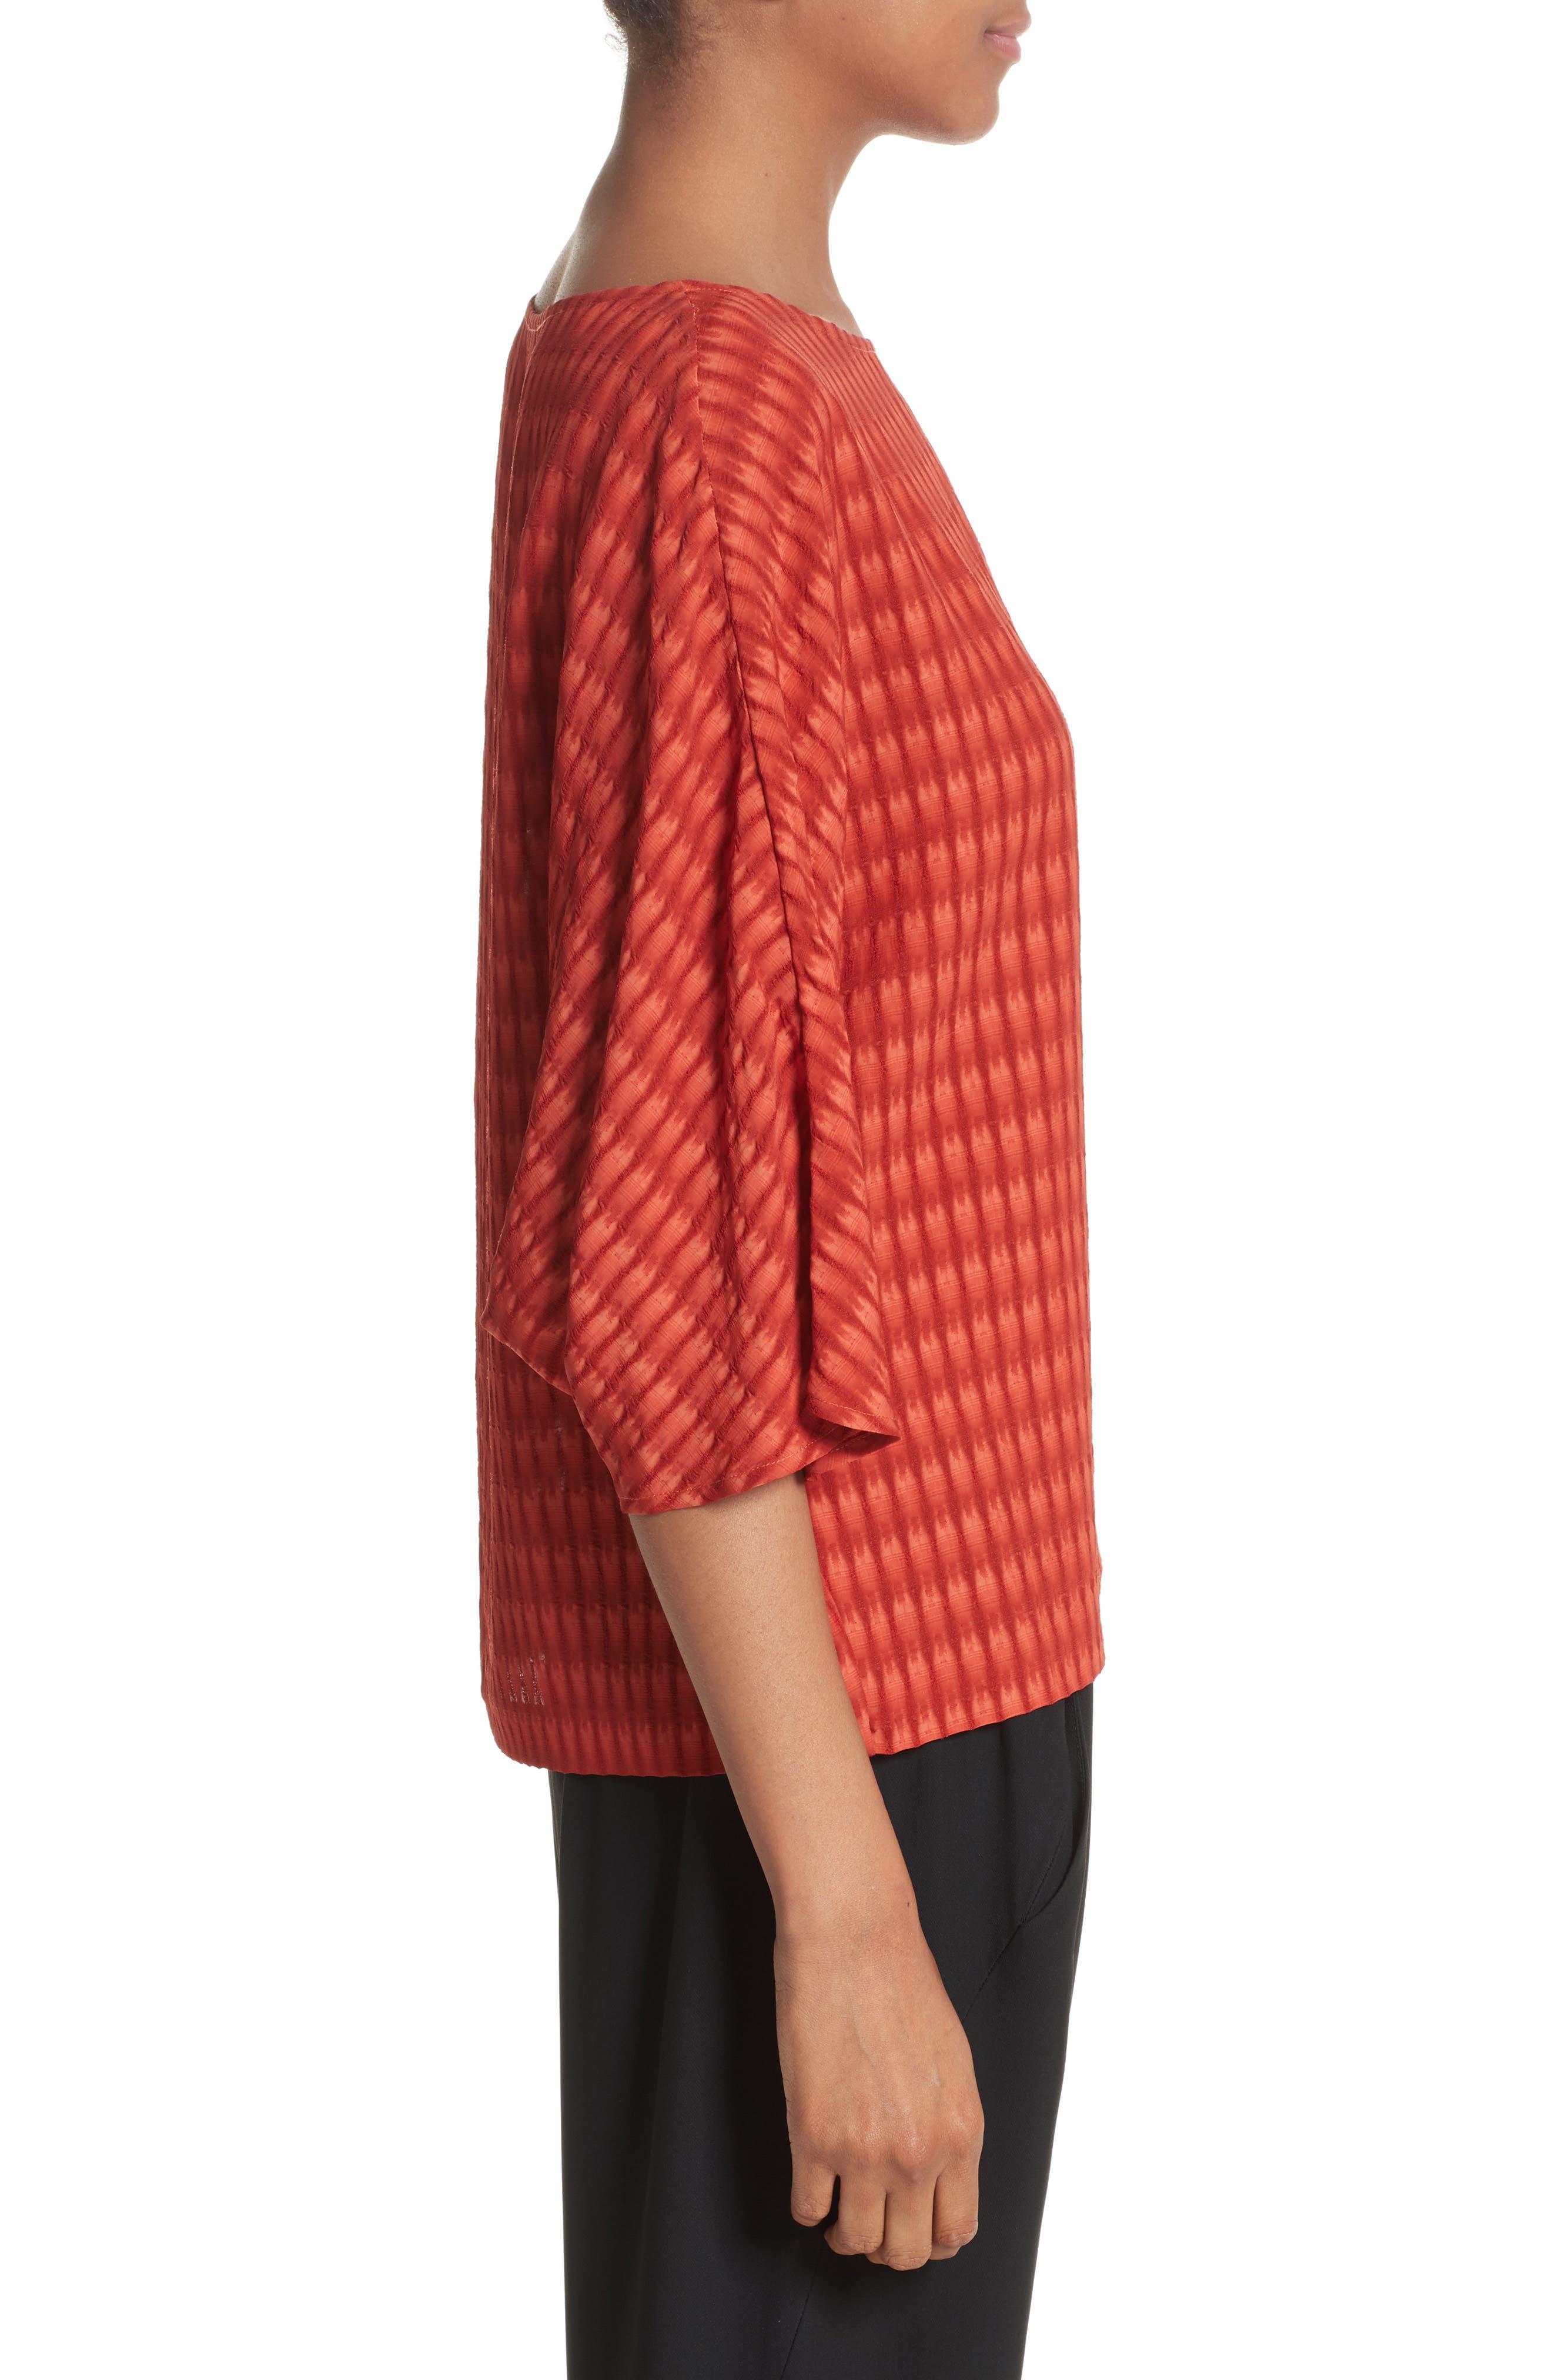 Vero Batik Plaid Top,                             Alternate thumbnail 6, color,                             Saffron Red